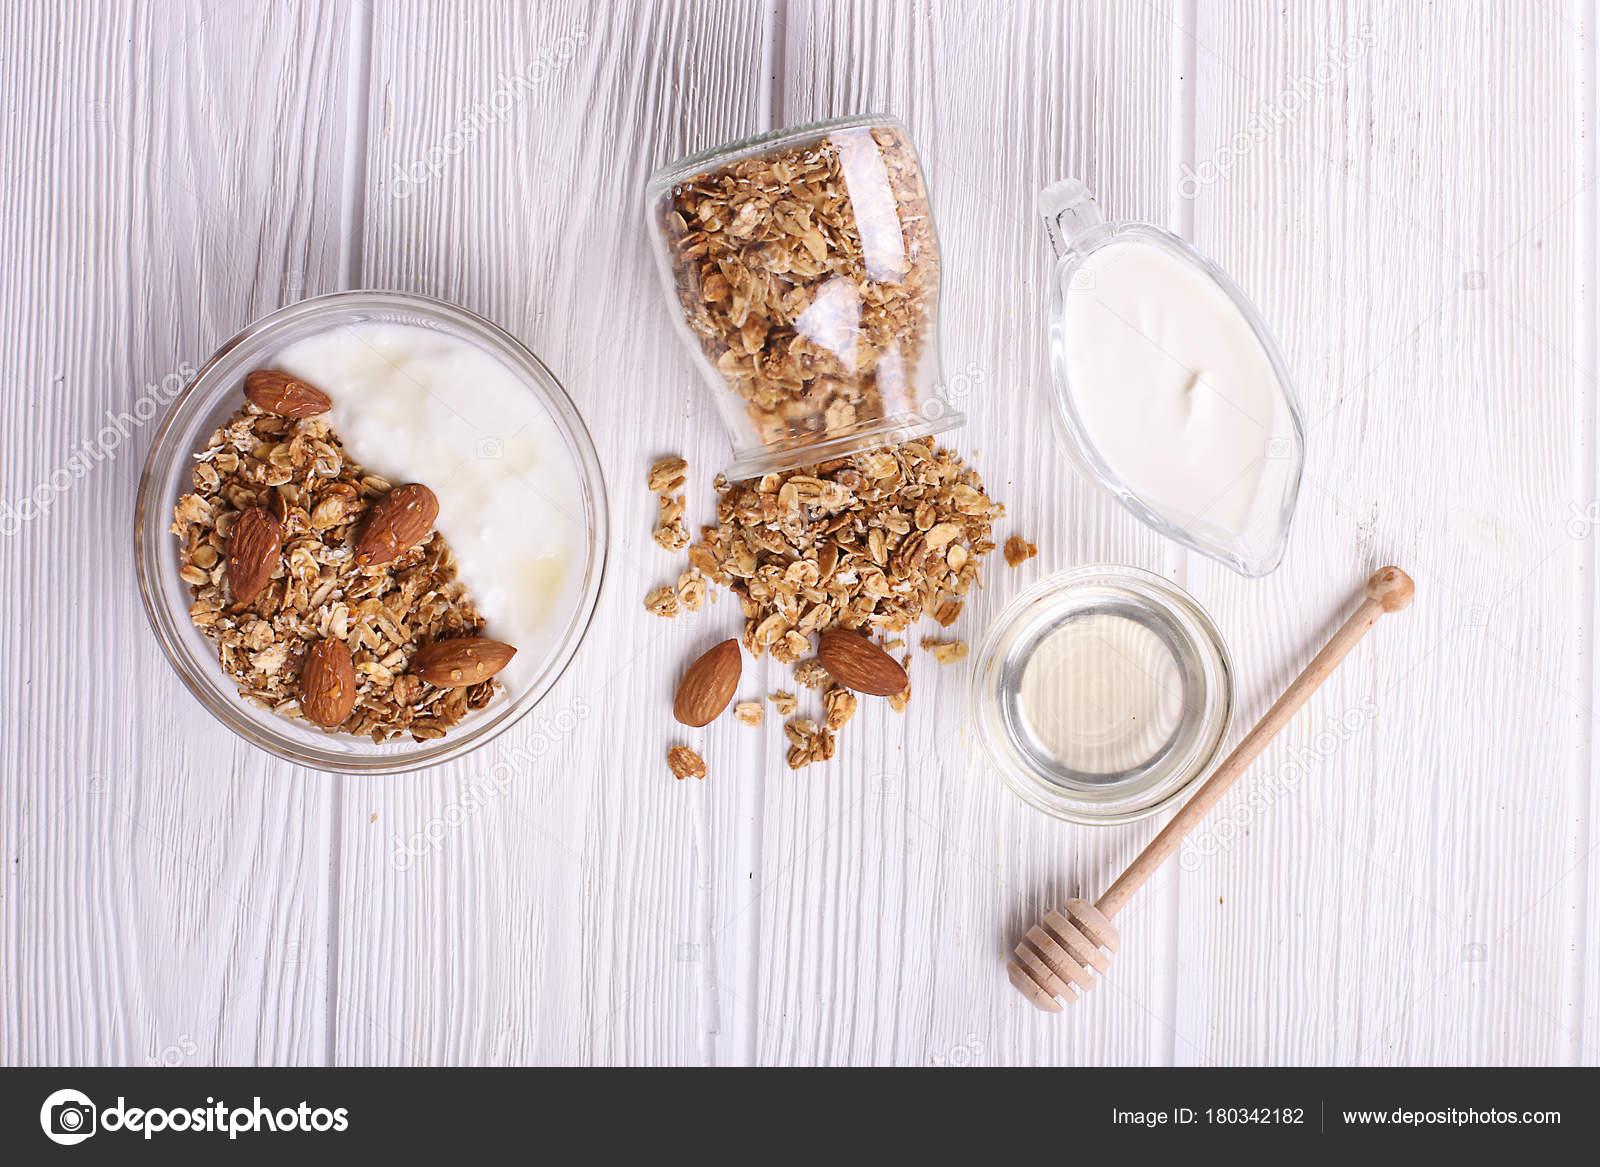 Вертикальный прямоугольник кадра состоит из вкусных орехов кешью.